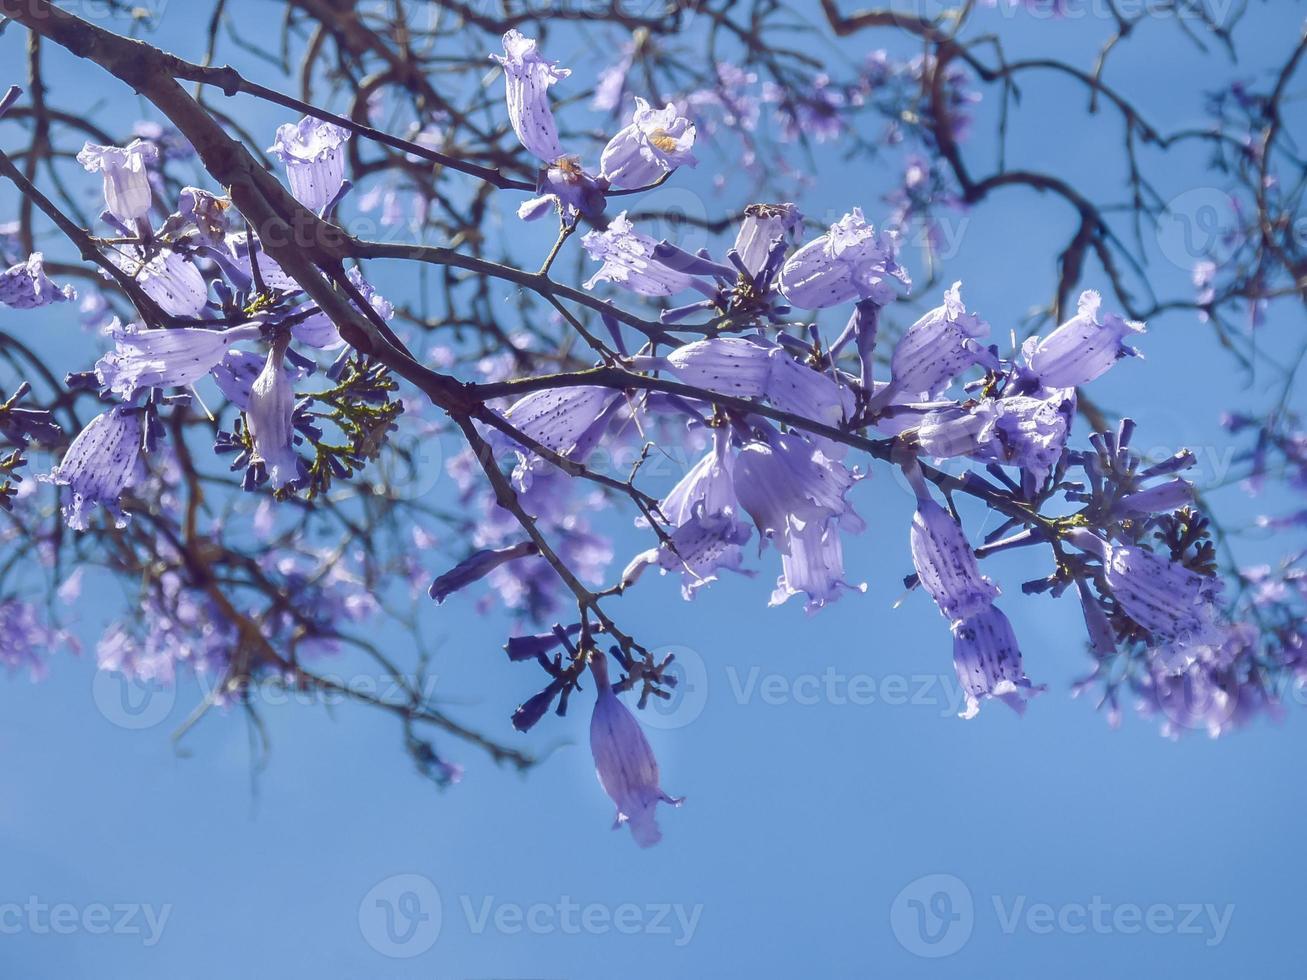 violette bloemen tegen blauwe hemel foto